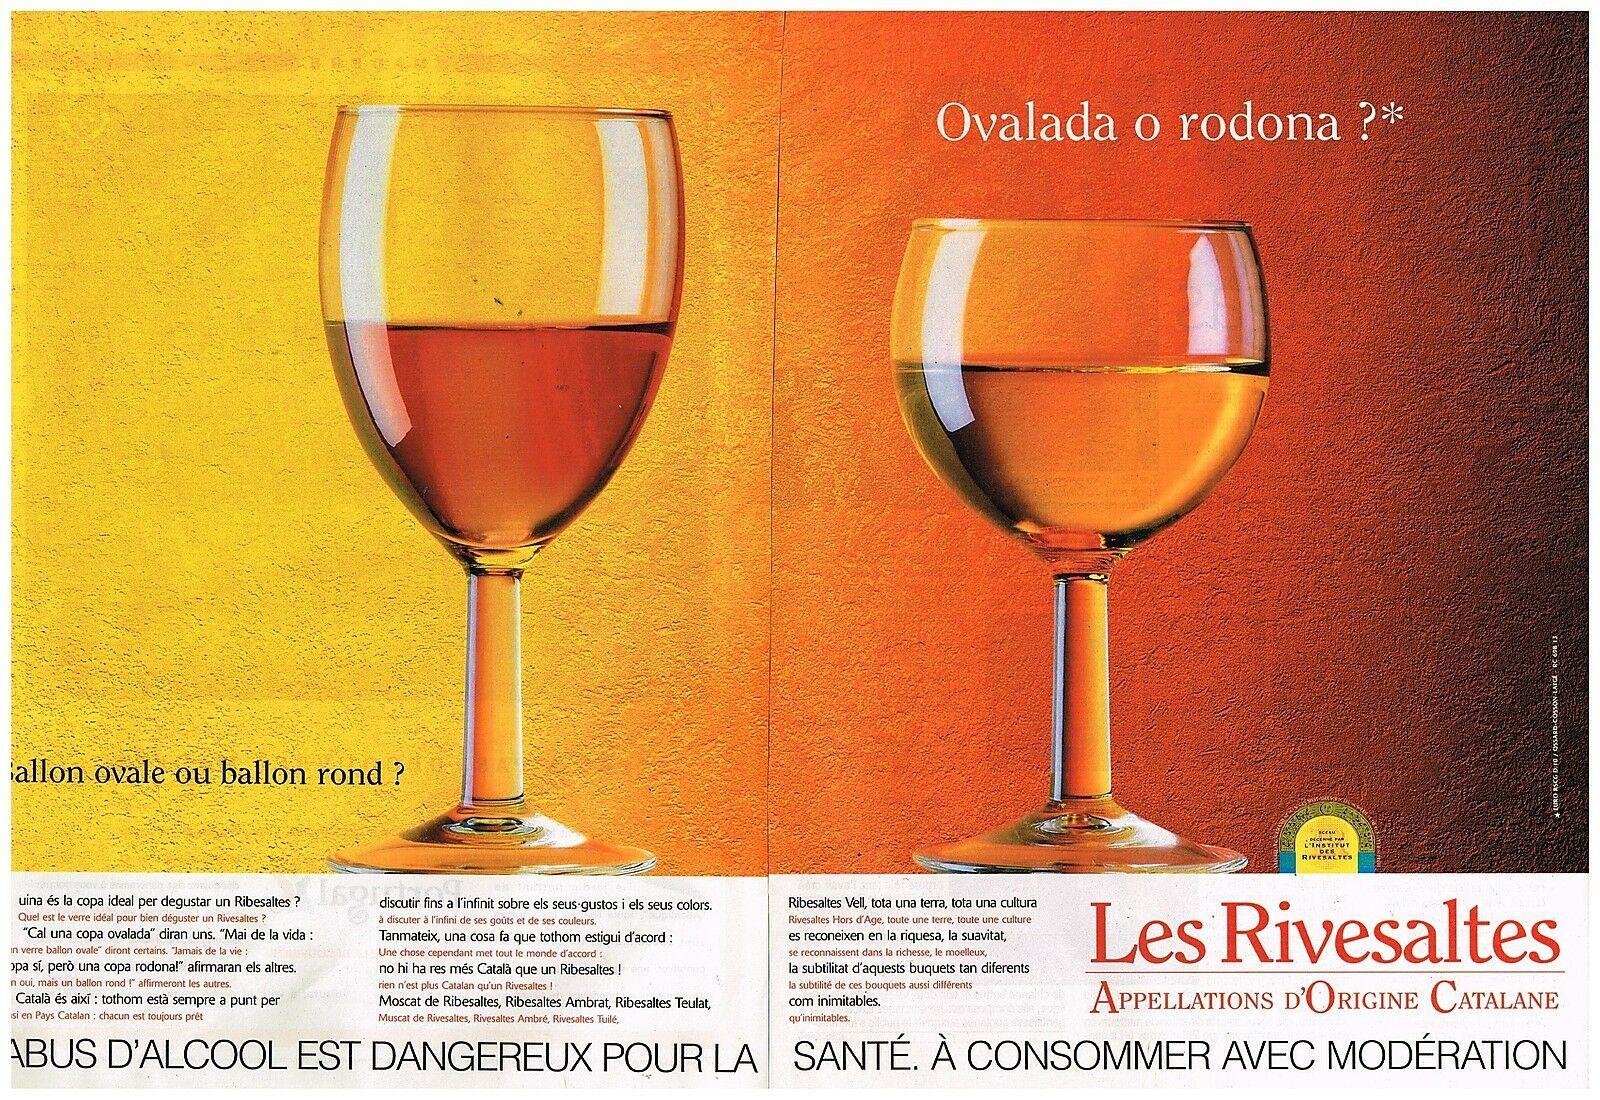 1998 Vins aperitif Les Rivesaltes A2